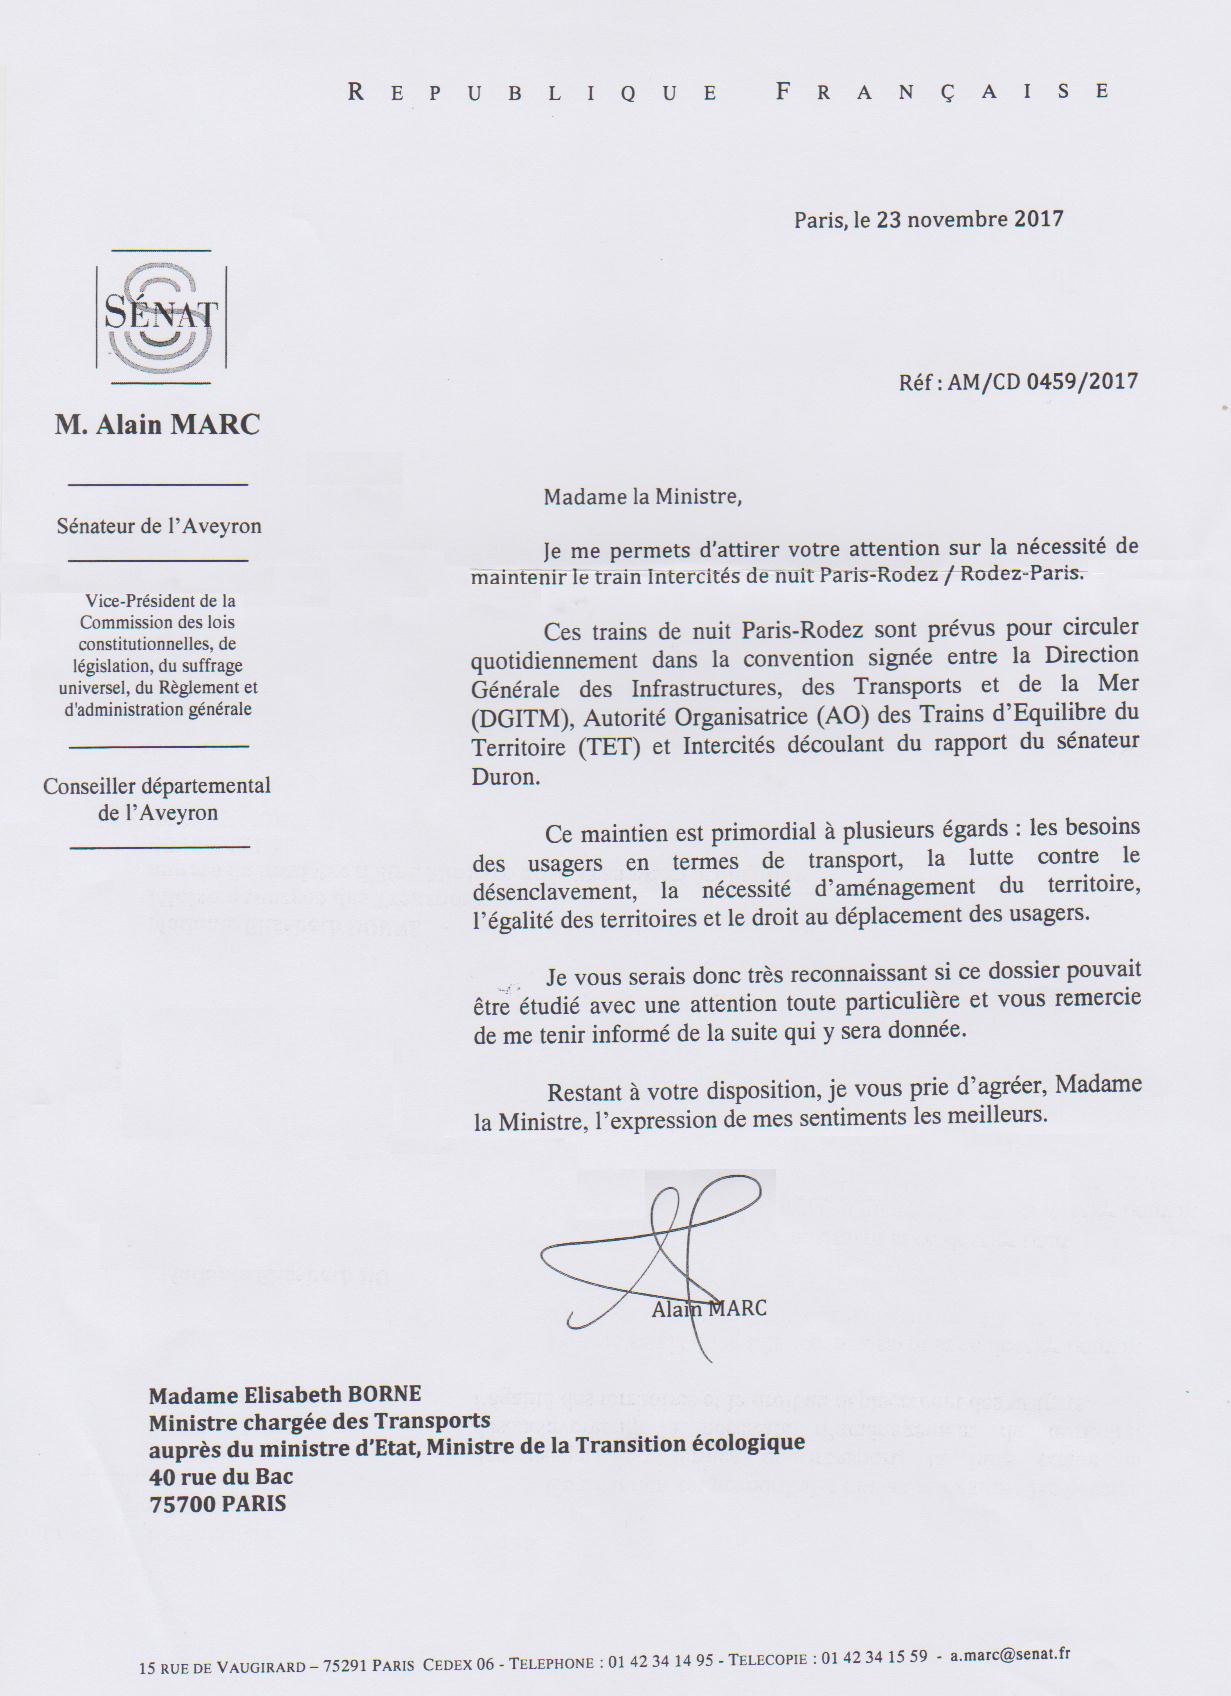 2017-11-23 Lettre Sénateur Marc à Ministre Borne.jpg